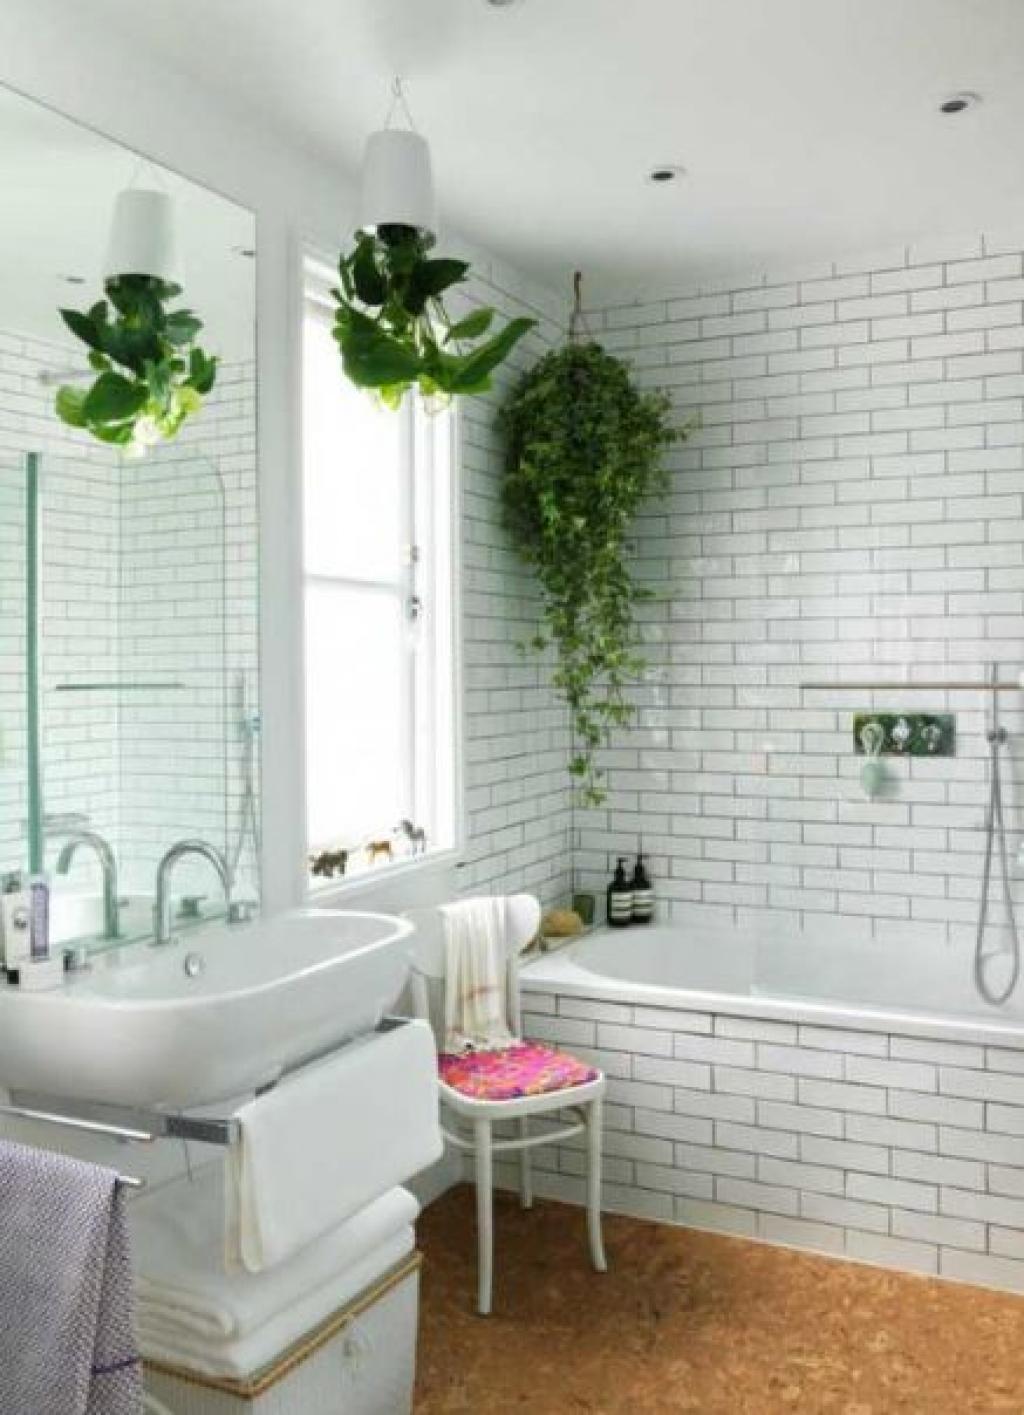 Fougeres Dans La Salle De Bain ~ fougere salle de bain maison image id e